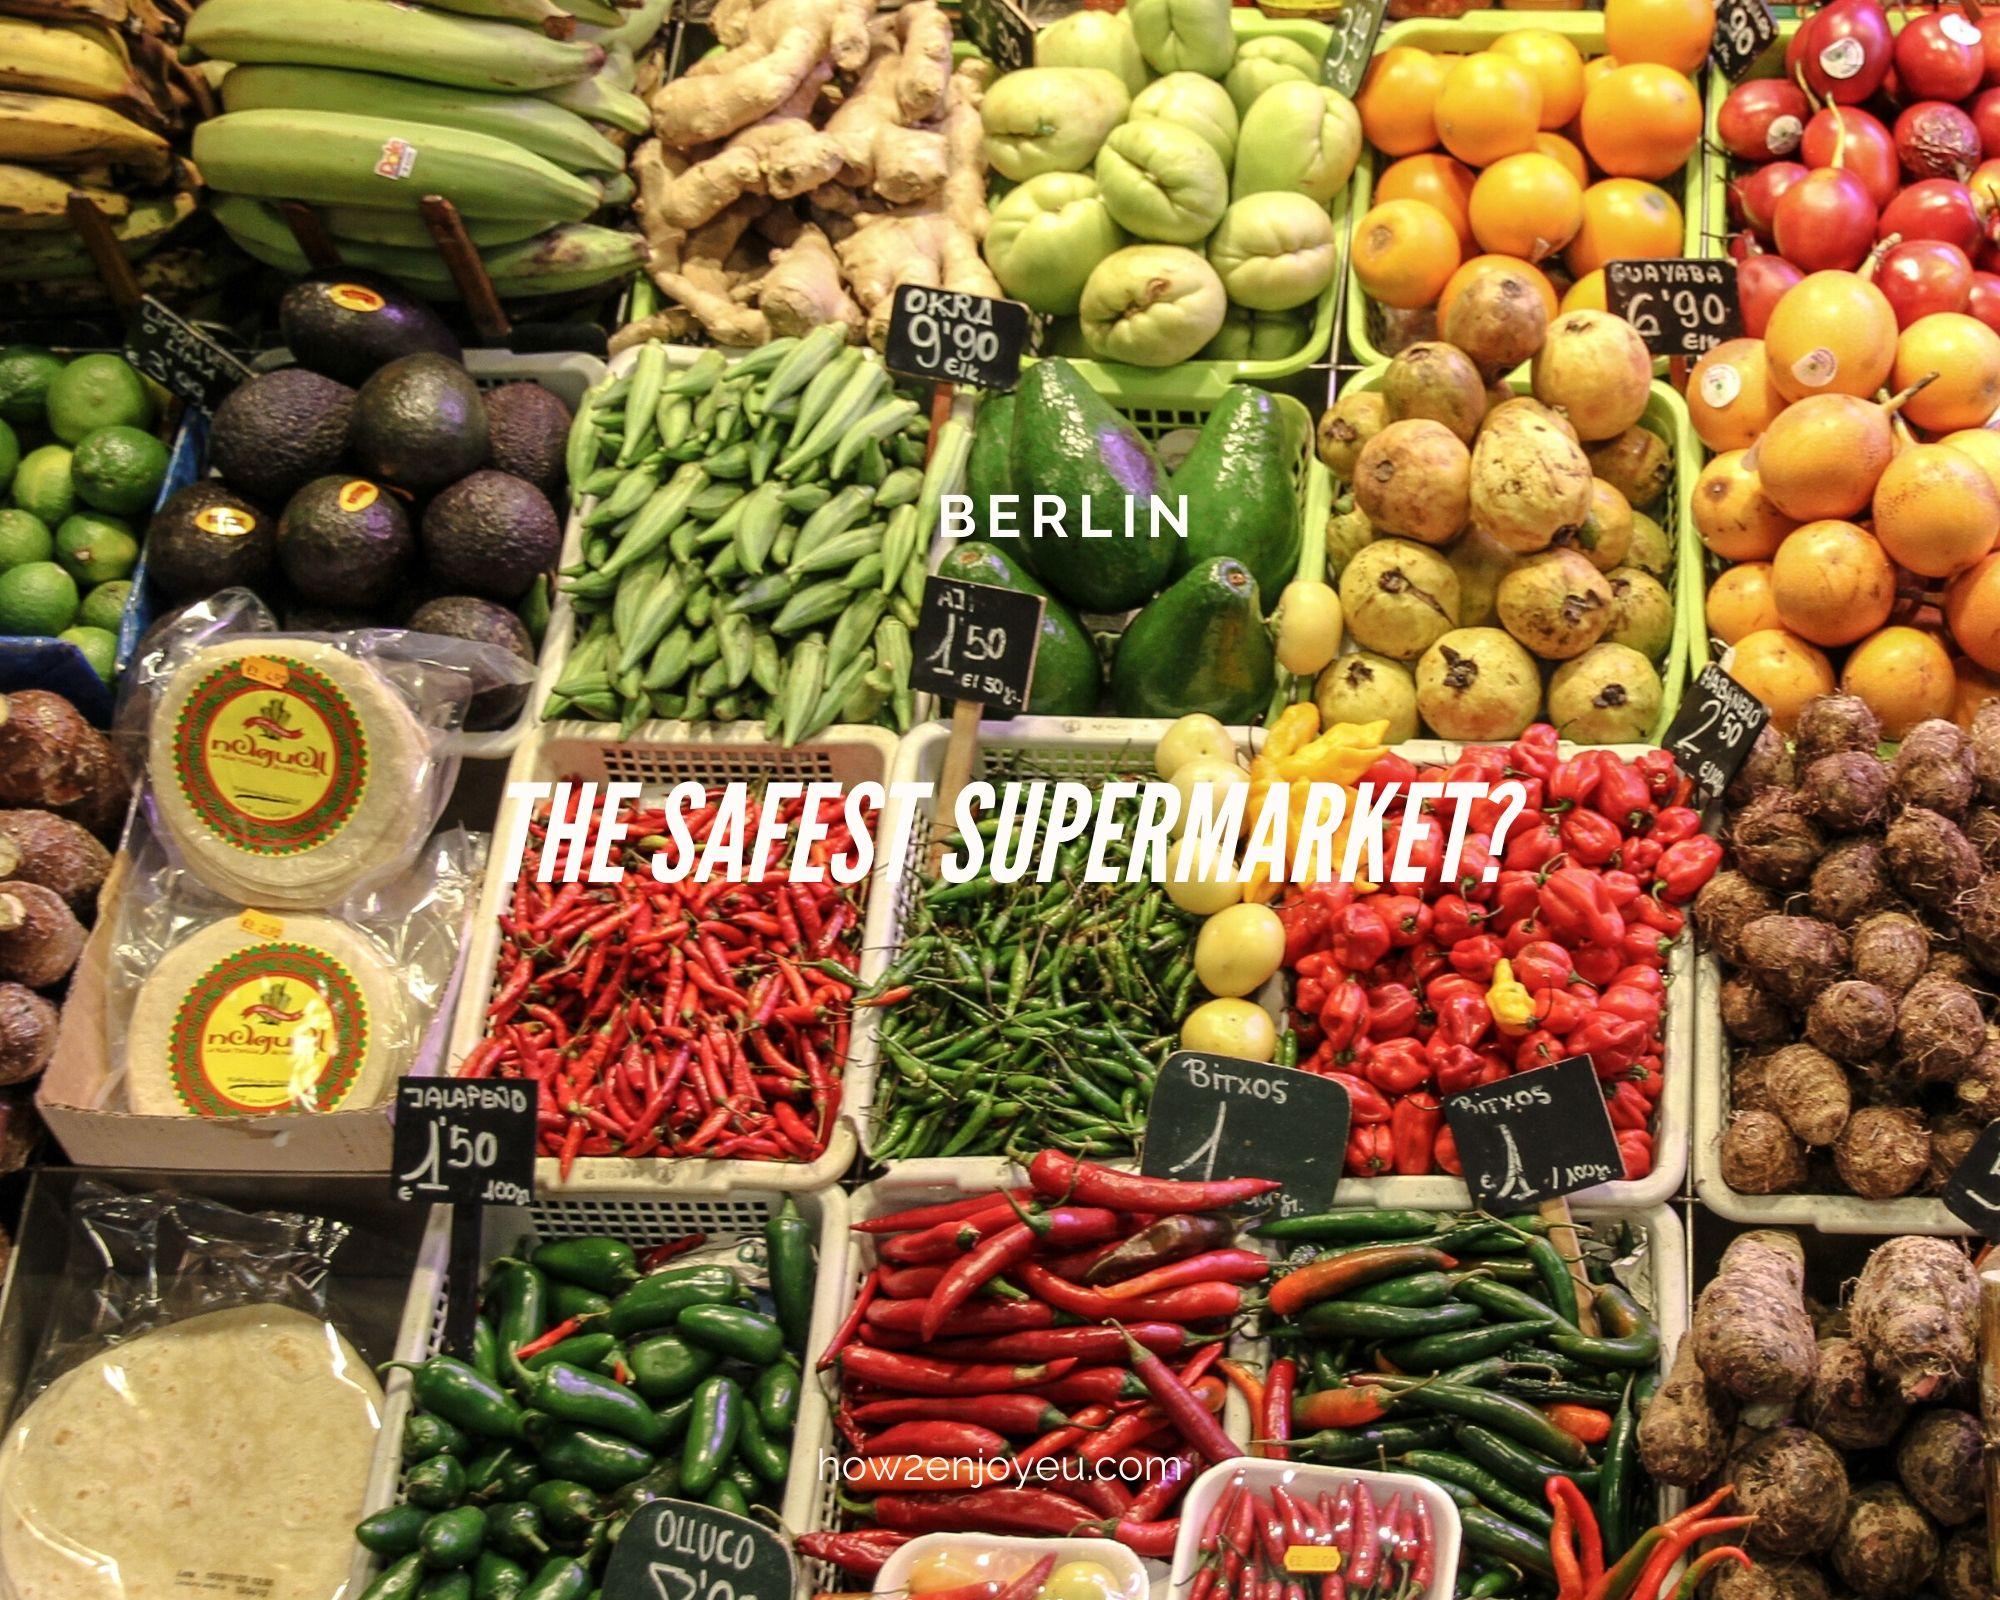 コロナ対策、ベルリンで鉄壁の守りを見せたのはこのスーパー!